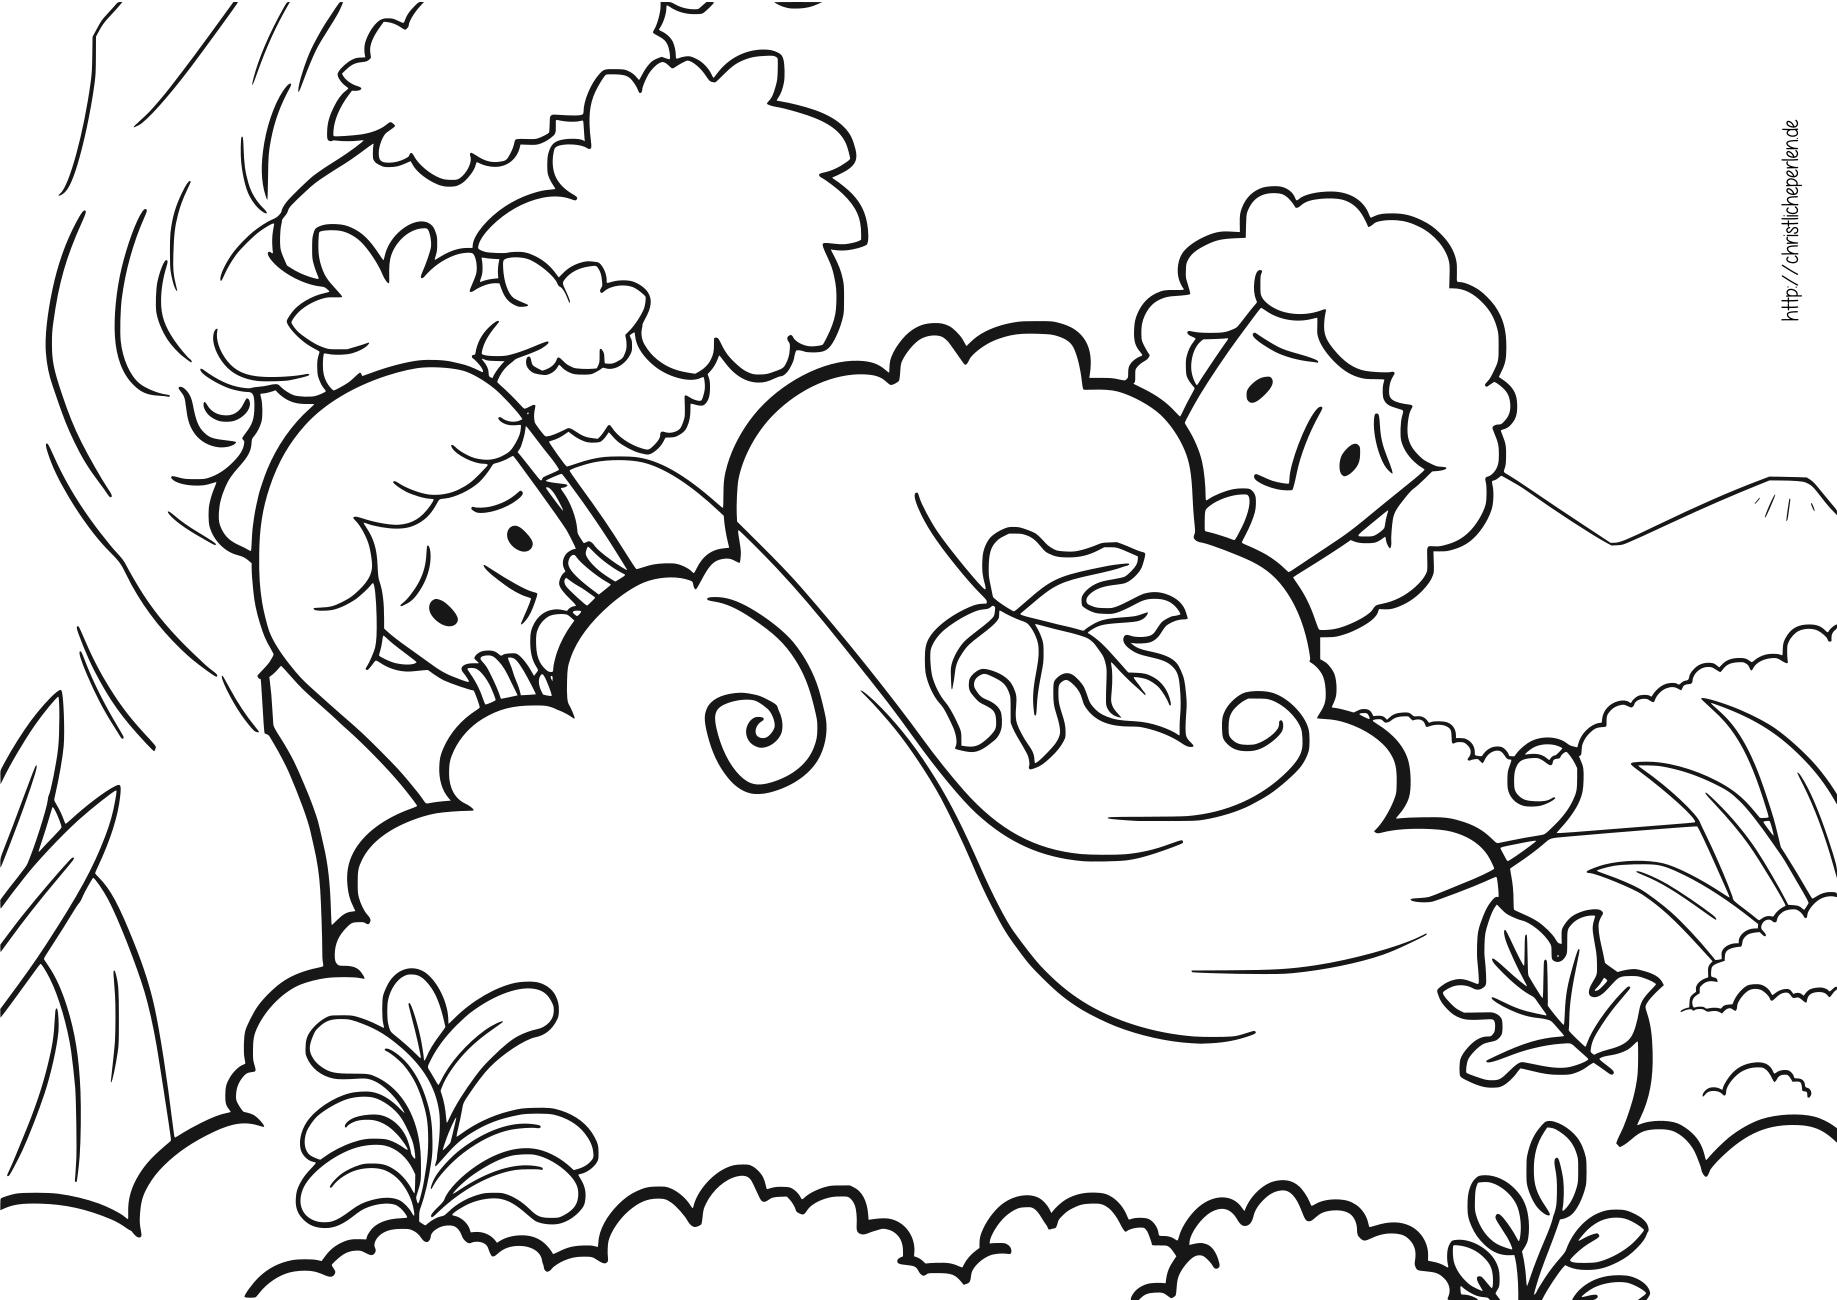 Adam und Eva ausmalen \ Adam and Eve Coloring Pages